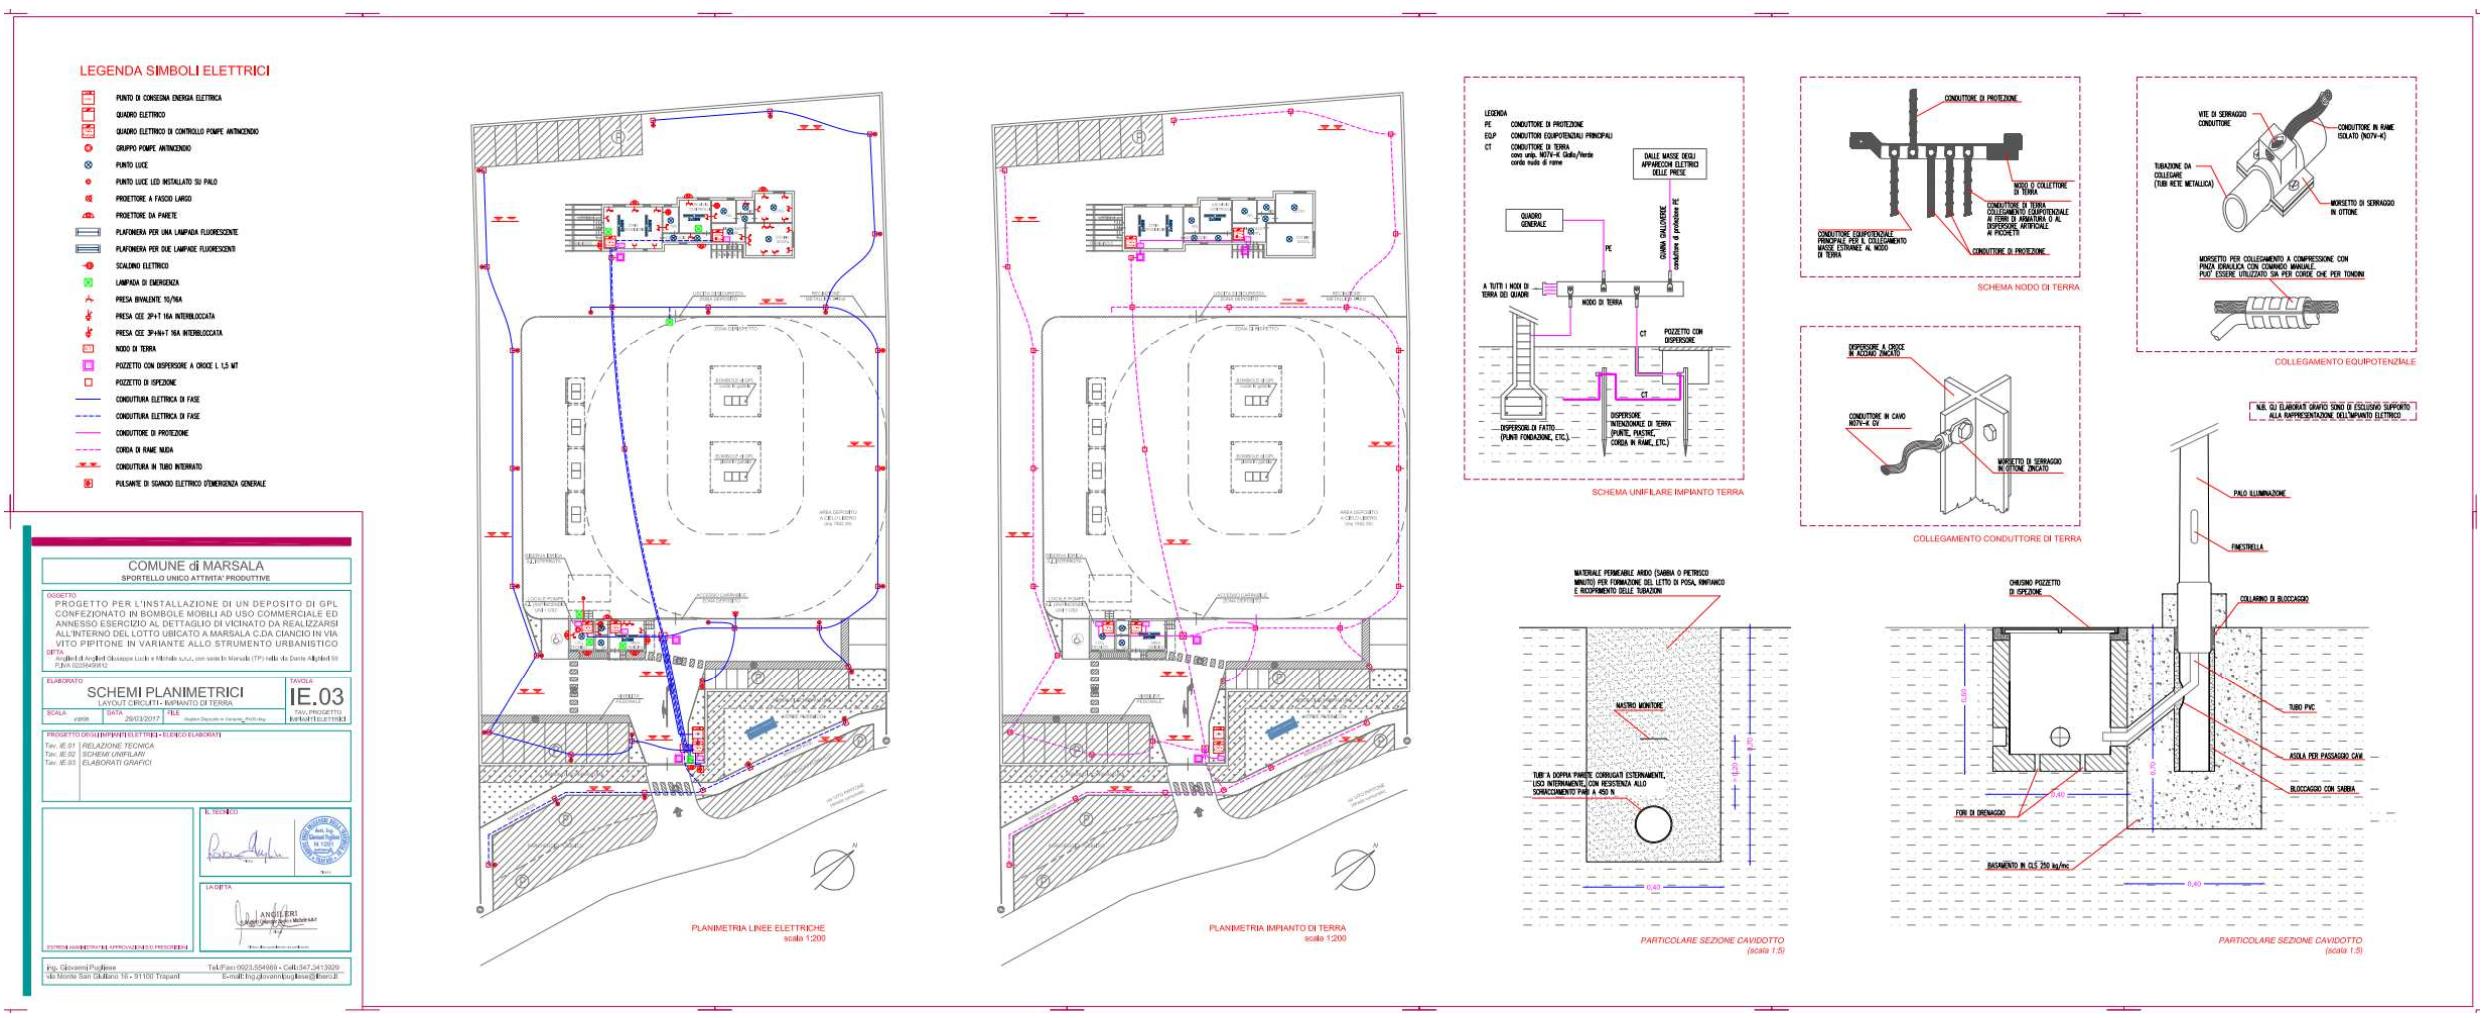 Schema Elettrico Impianto Gpl Romano : Progettazione impianti portfolio archingestudio